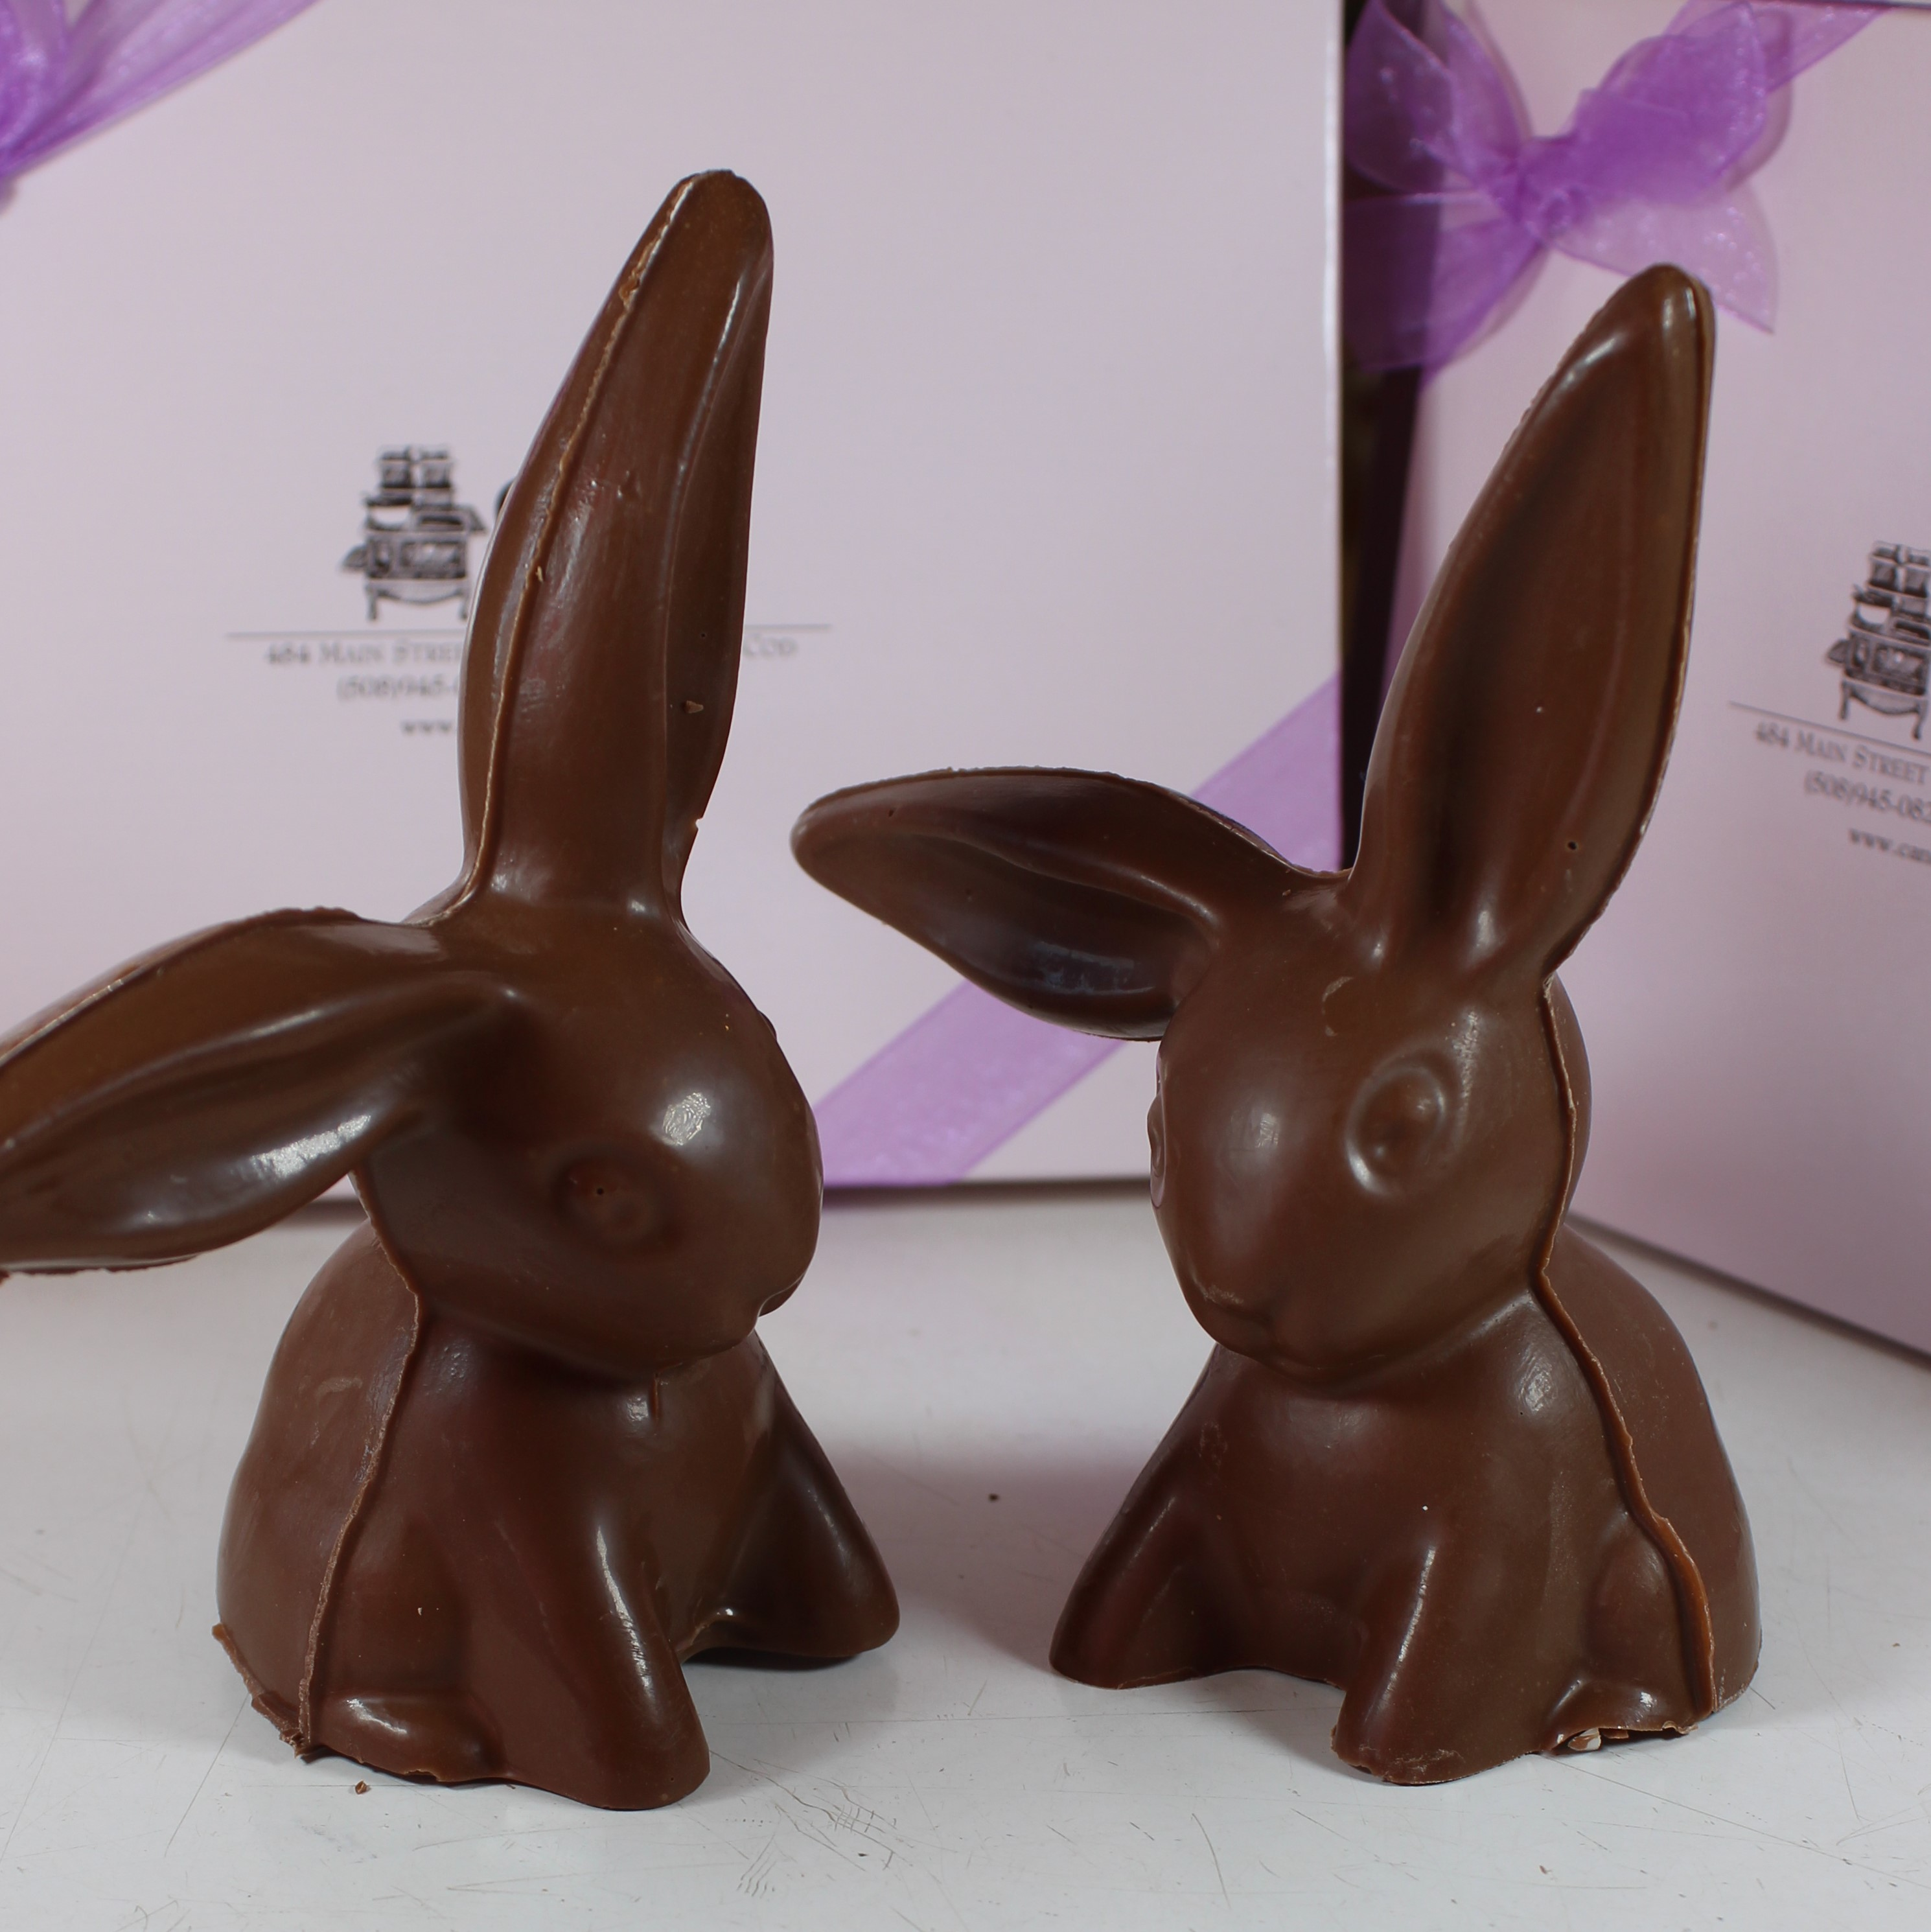 Floppy Ear Bunny - $12.00